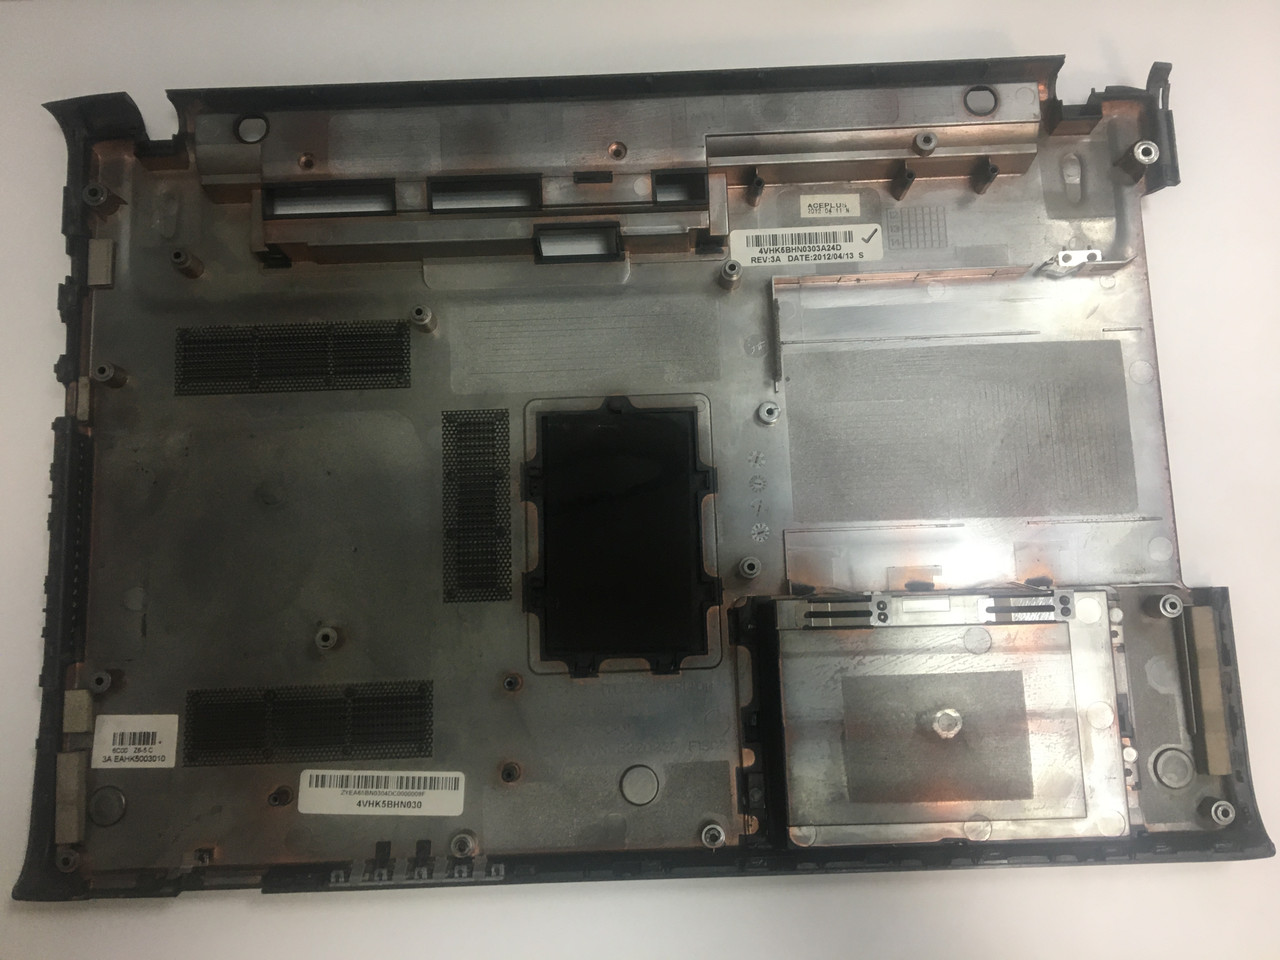 Корпус Sony Vaio SVE151C11V, Cover D, нижняя часть